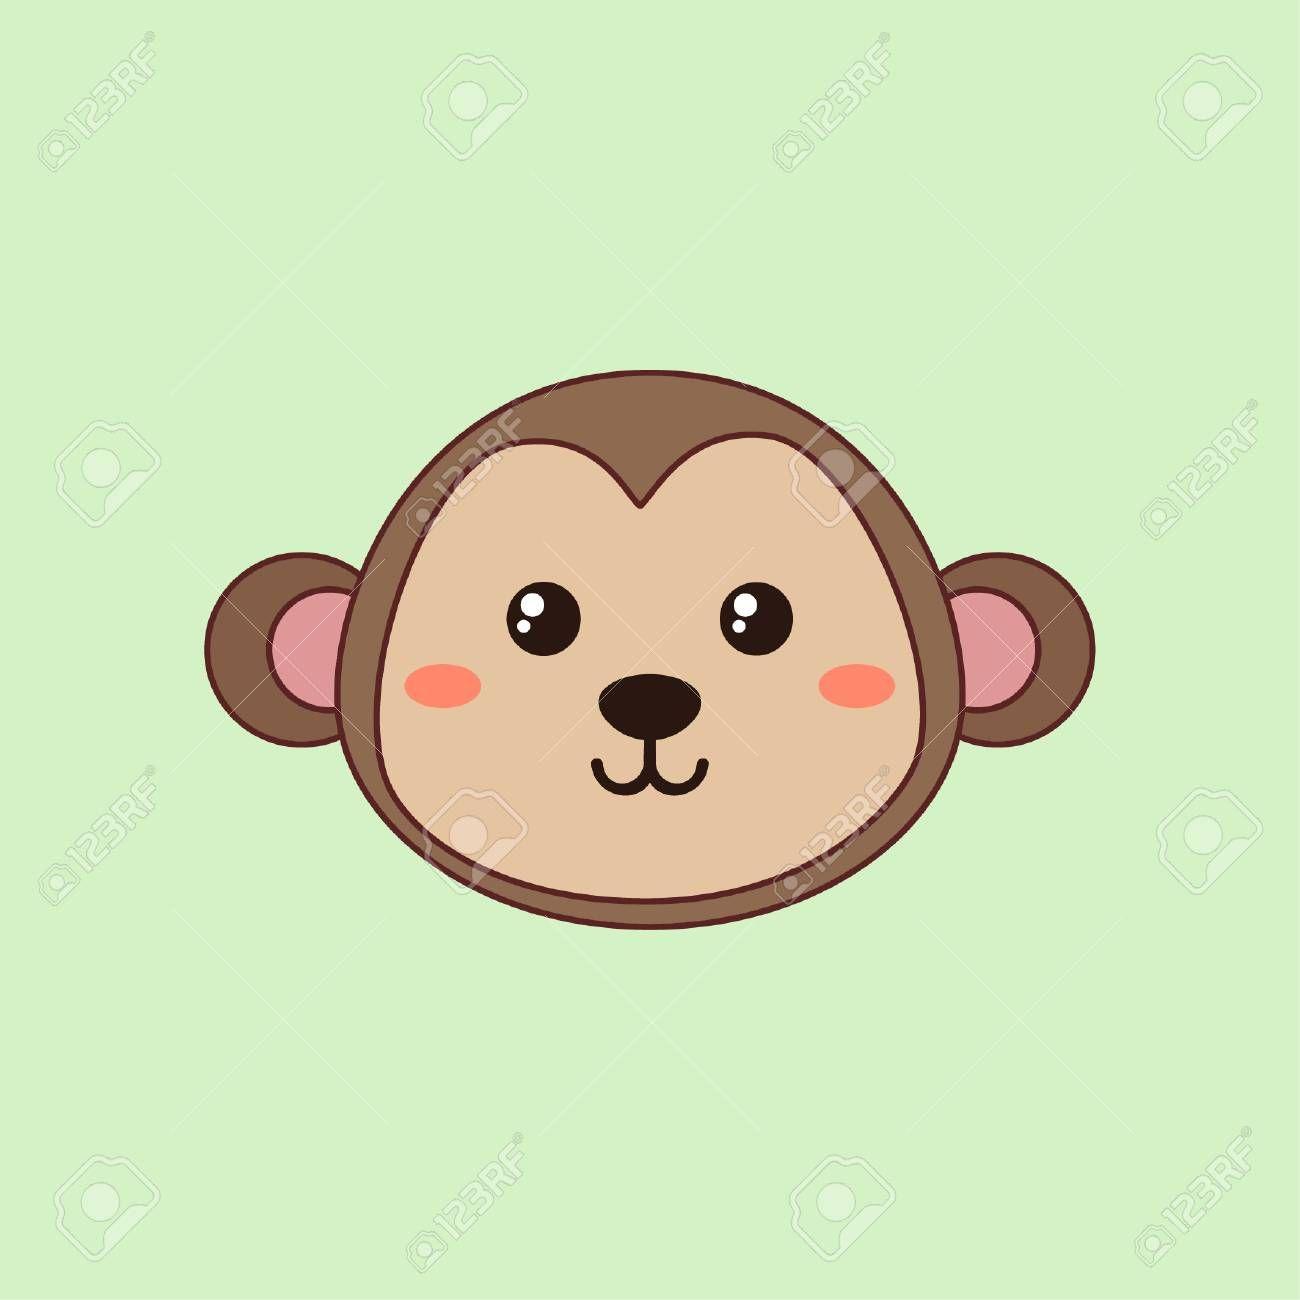 Cartoon Monkey Face Affiliate Cartoon Monkey Face Cartoon Monkey Cartoon Monkey Face